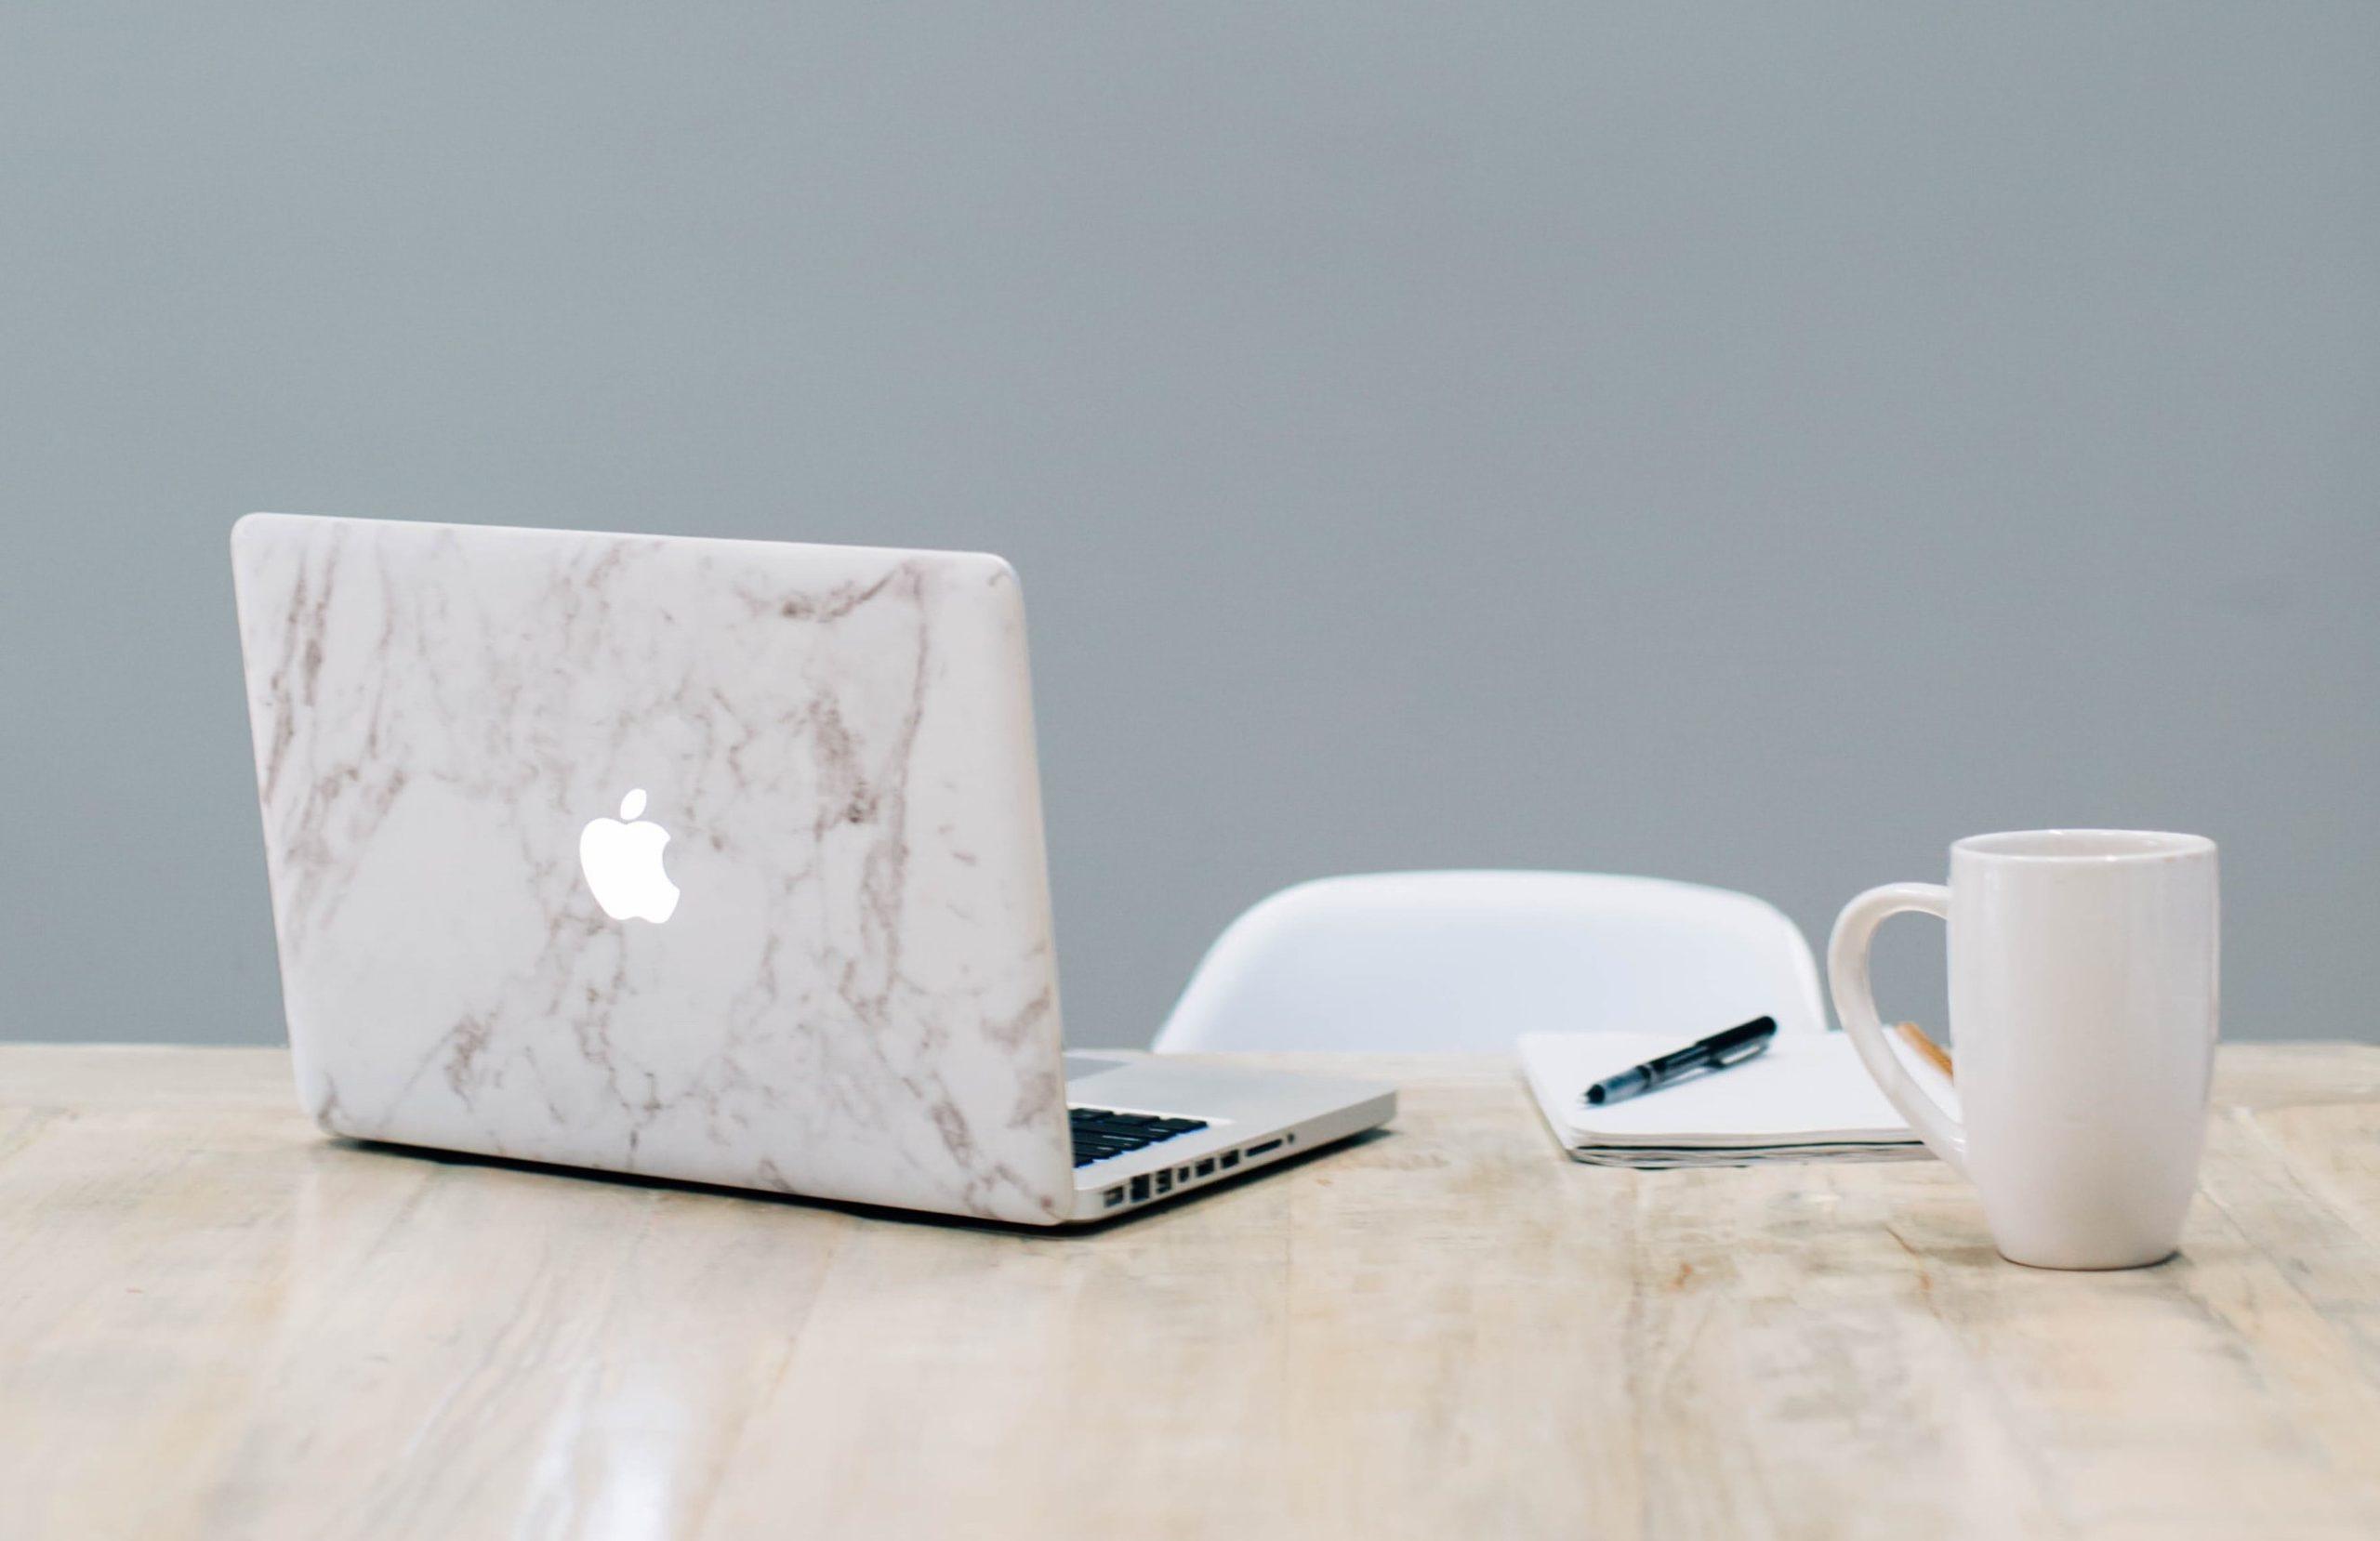 Défi : bloguer non stop pendant 30 jours